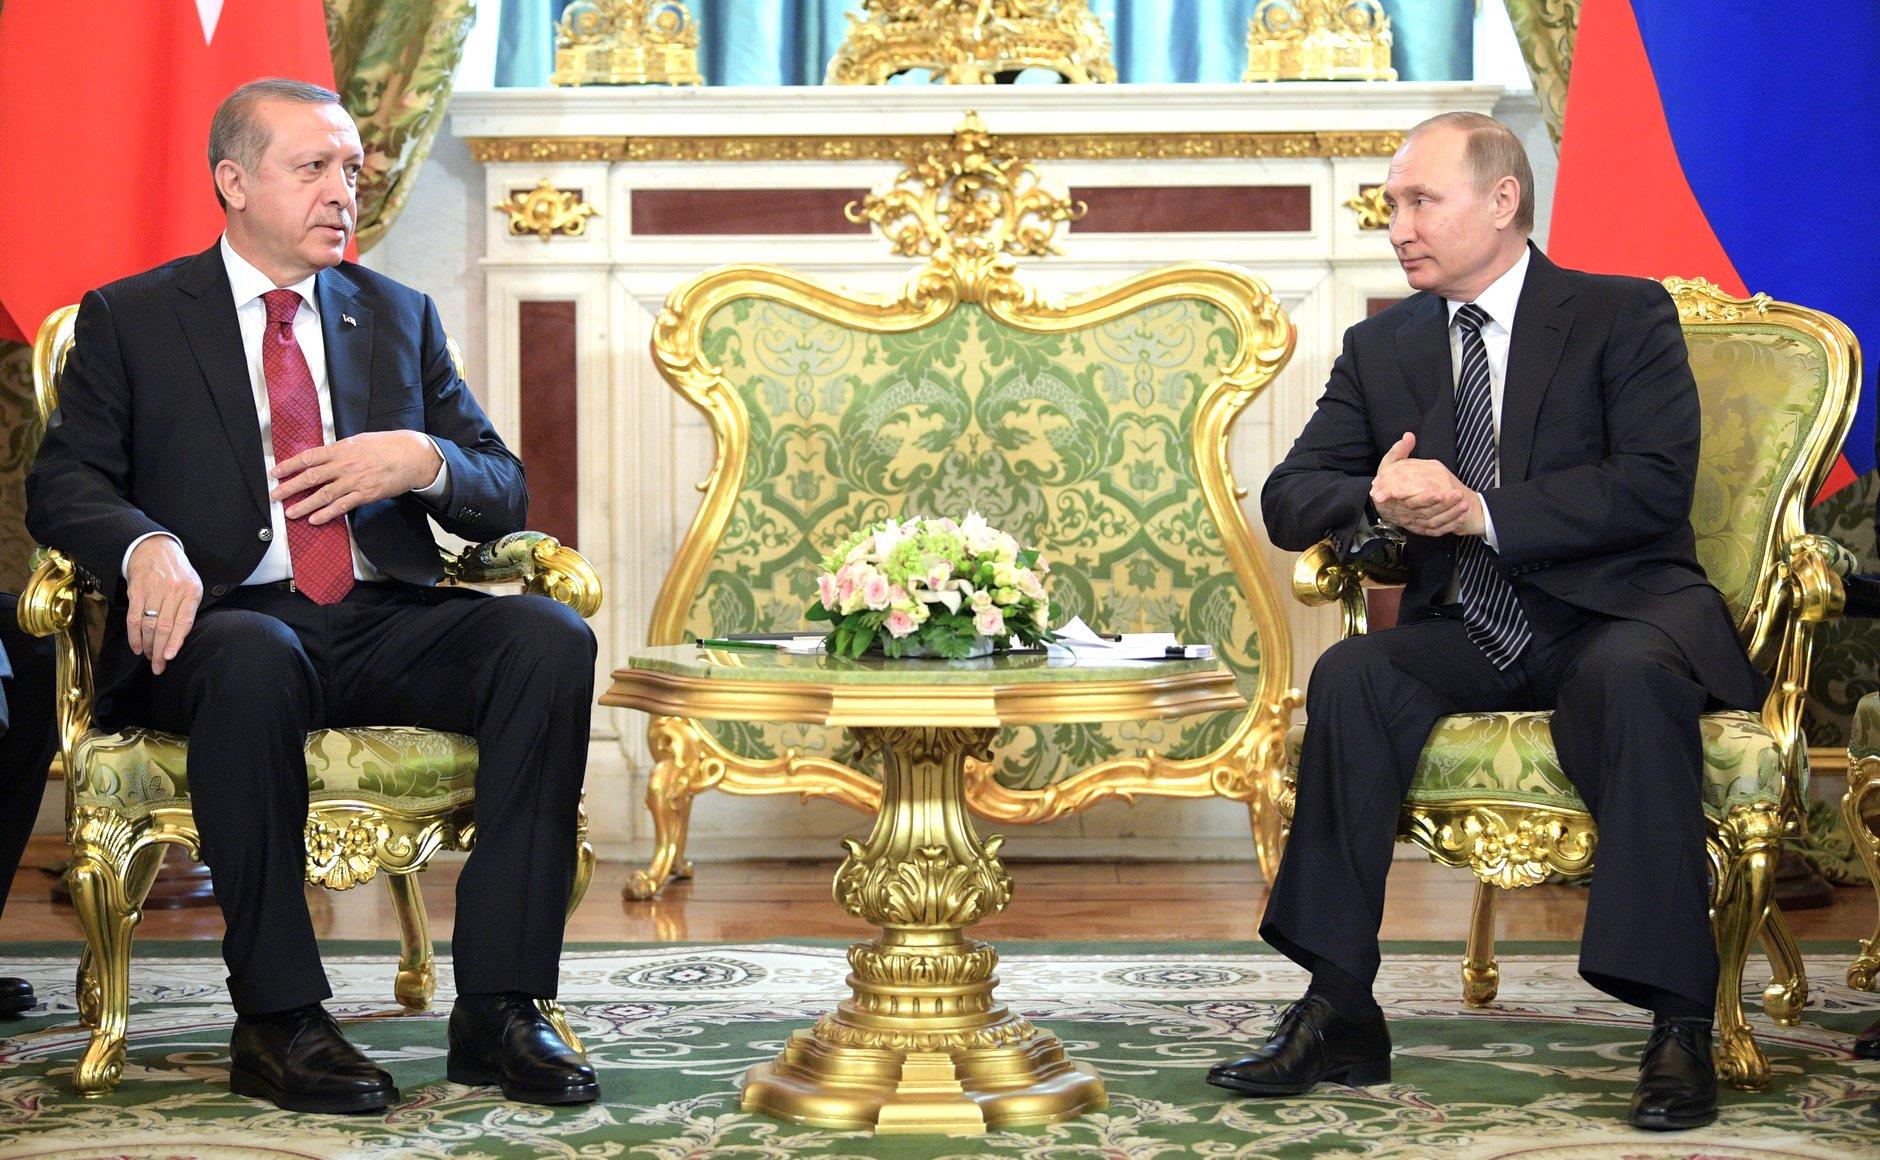 صورة محللون أتراك: واشنطن تهدف إلى تركيع تركيا وتطويق روسيا بالمنطقة